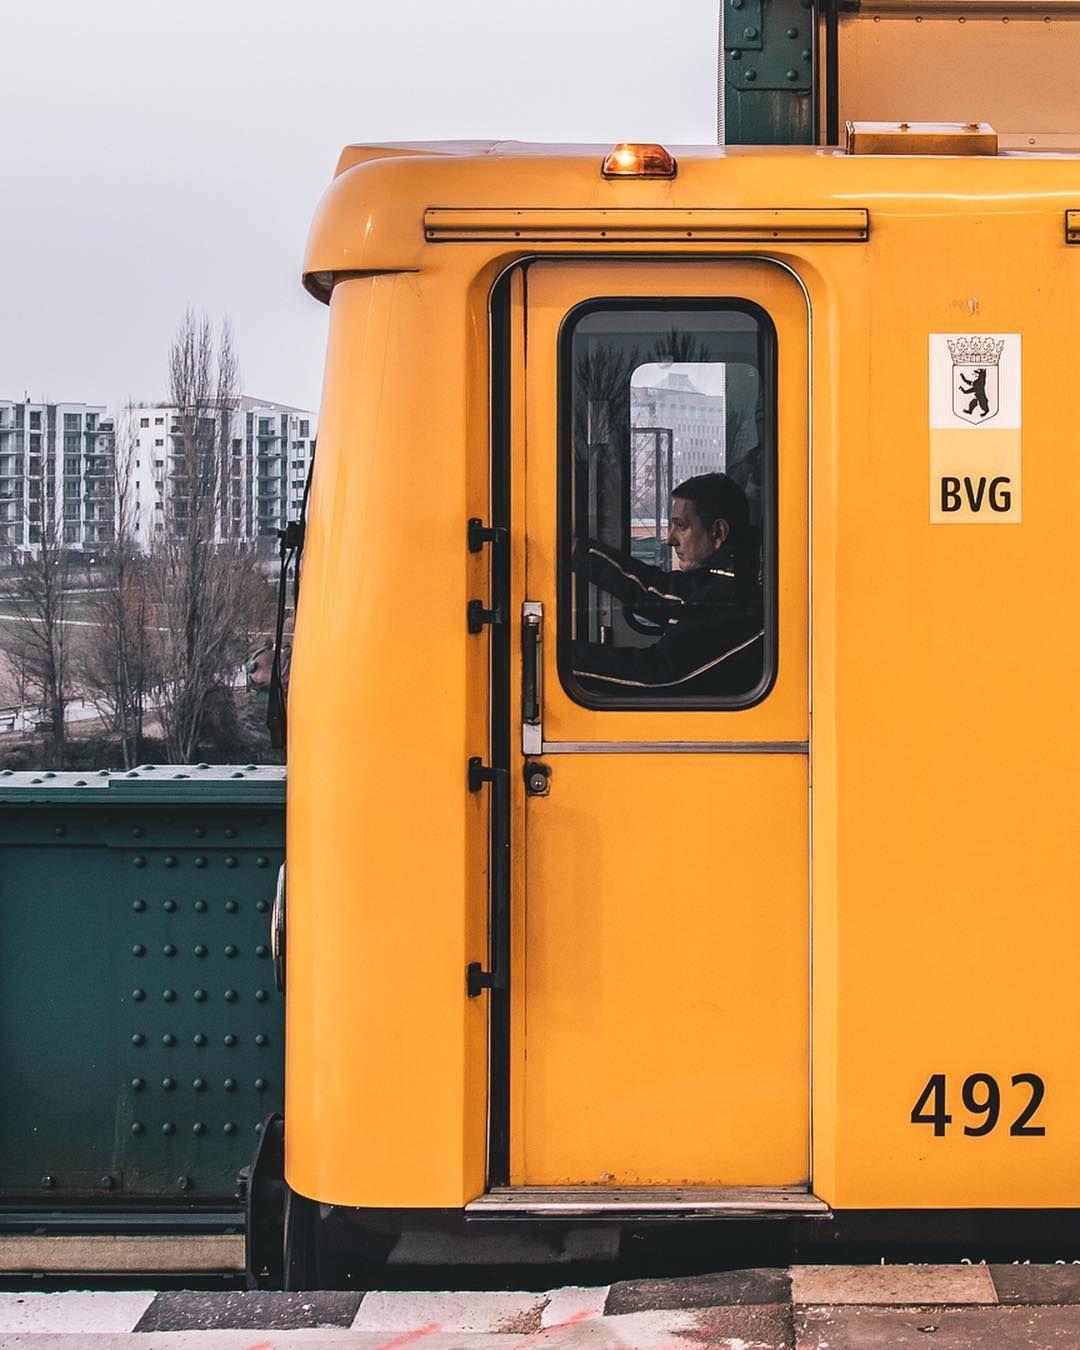 Zug 492 Berlin Bvg Weilwirdichlieben Berlin Germany Locker Storage Berlin